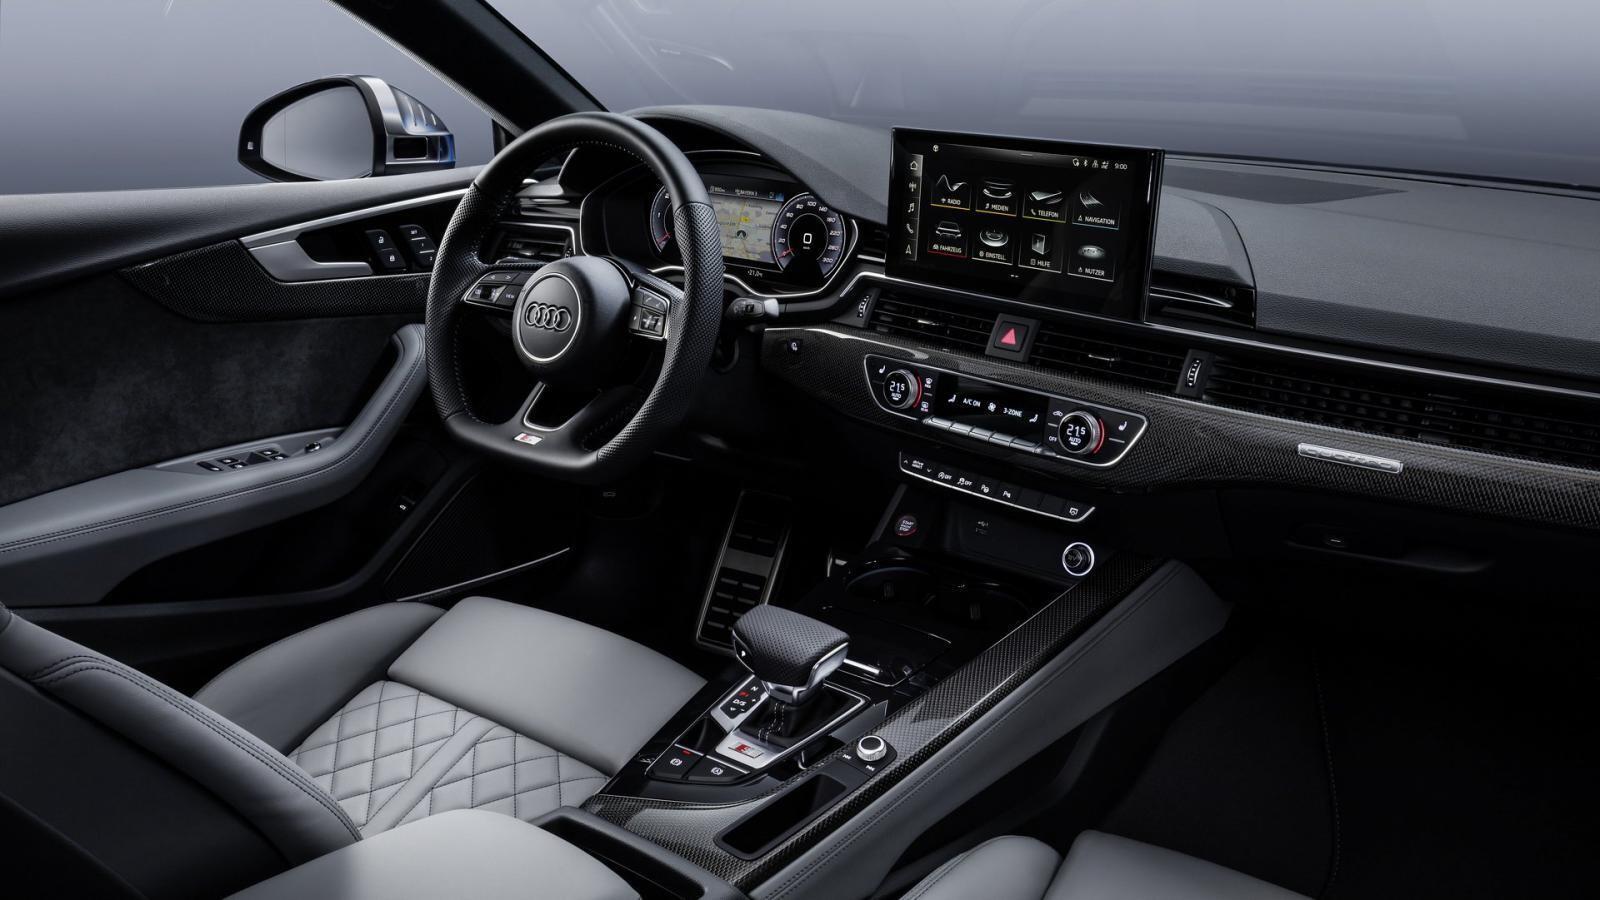 audi-a5-2020-lo-dien-voi-luoi-tan-nhiet-hoan-toan-moi-phong-cach-audi-sport-quattro-4.jpg